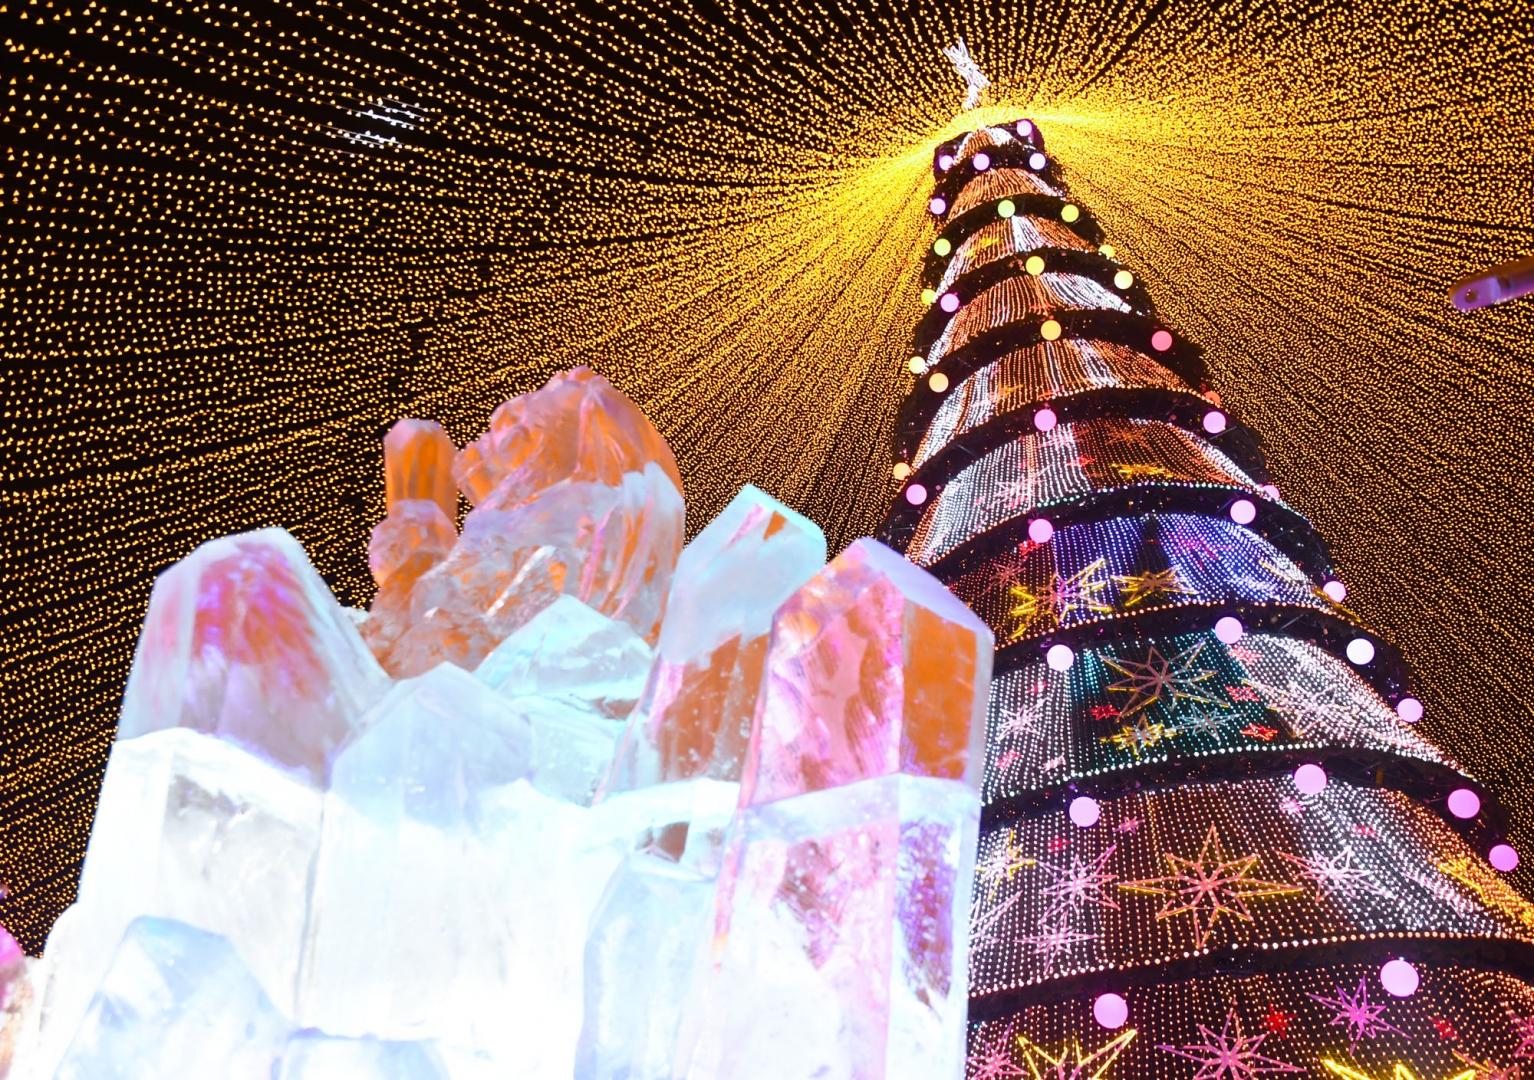 В Казани состоялось открытие главной новогодней ёлки - ИА REGNUM